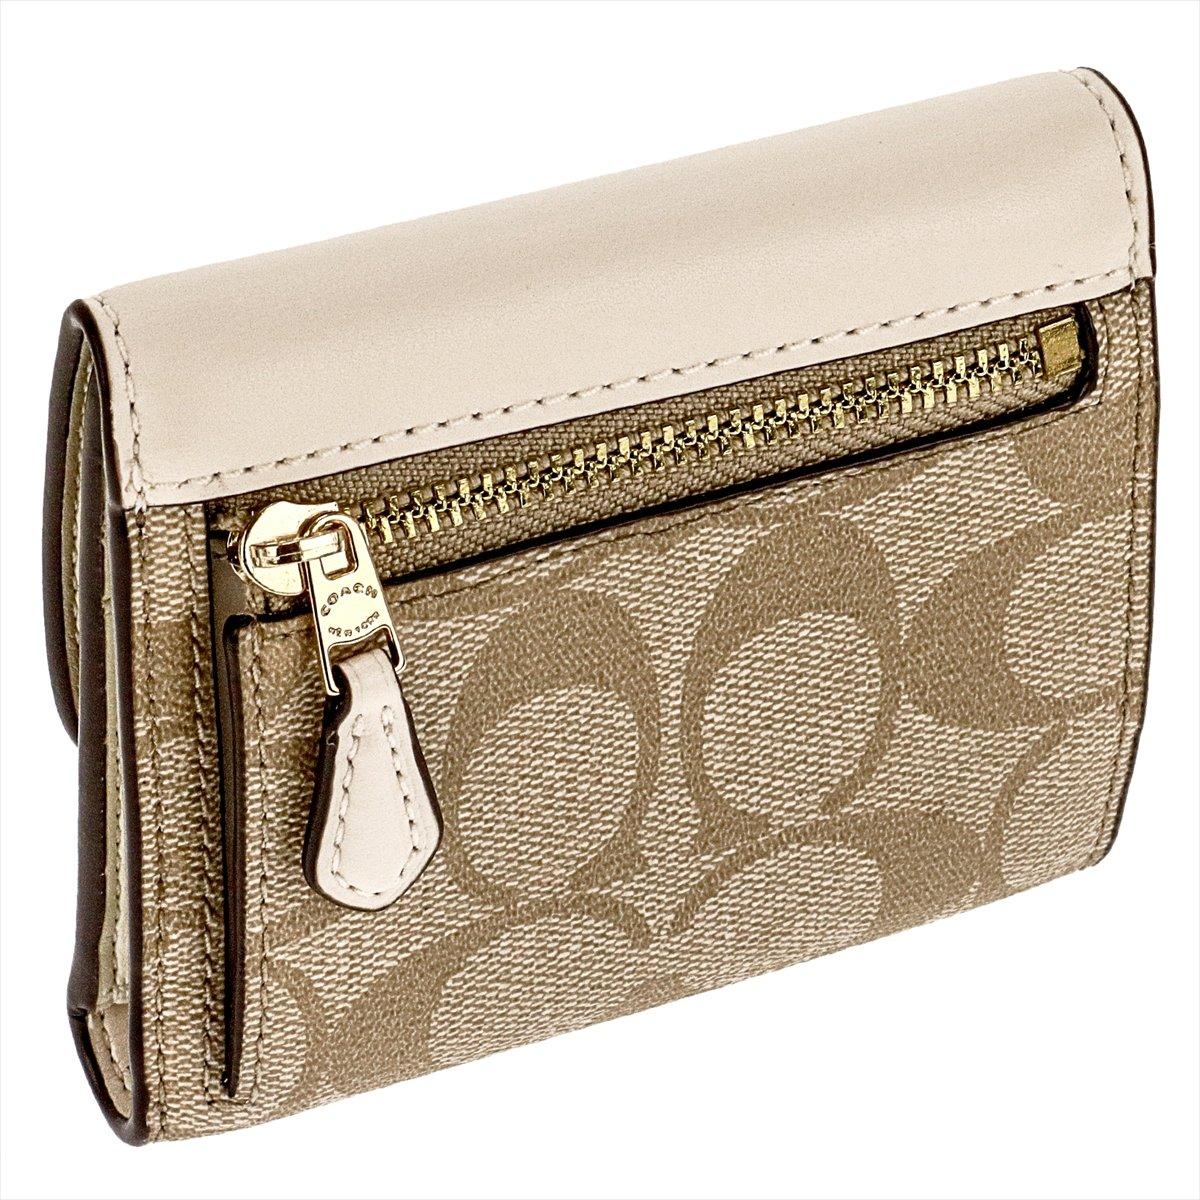 コーチ 財布 三つ折り財布 COACH F87589 u-co-f87589-imdqc-1 並行輸入品   B078PH7SF9